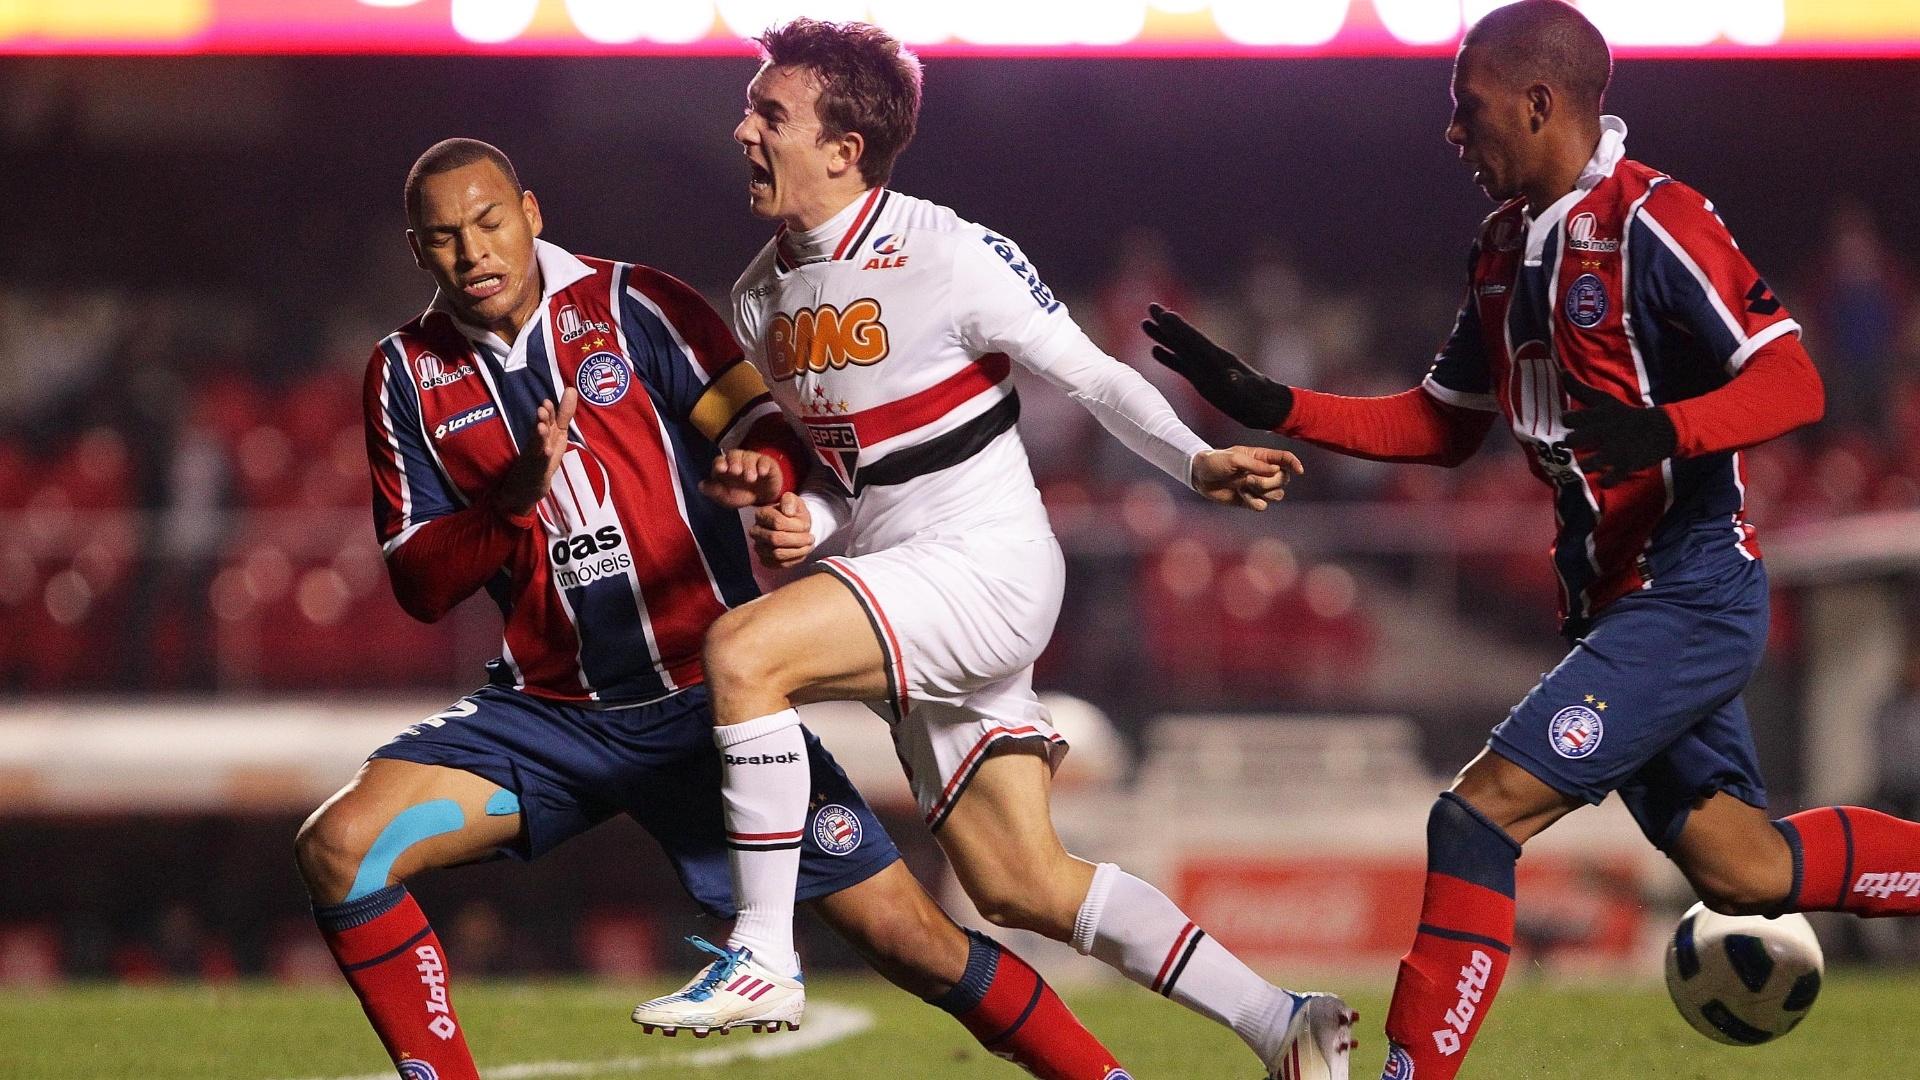 Dagoberto sofre para passar pela marcação dura do Bahia